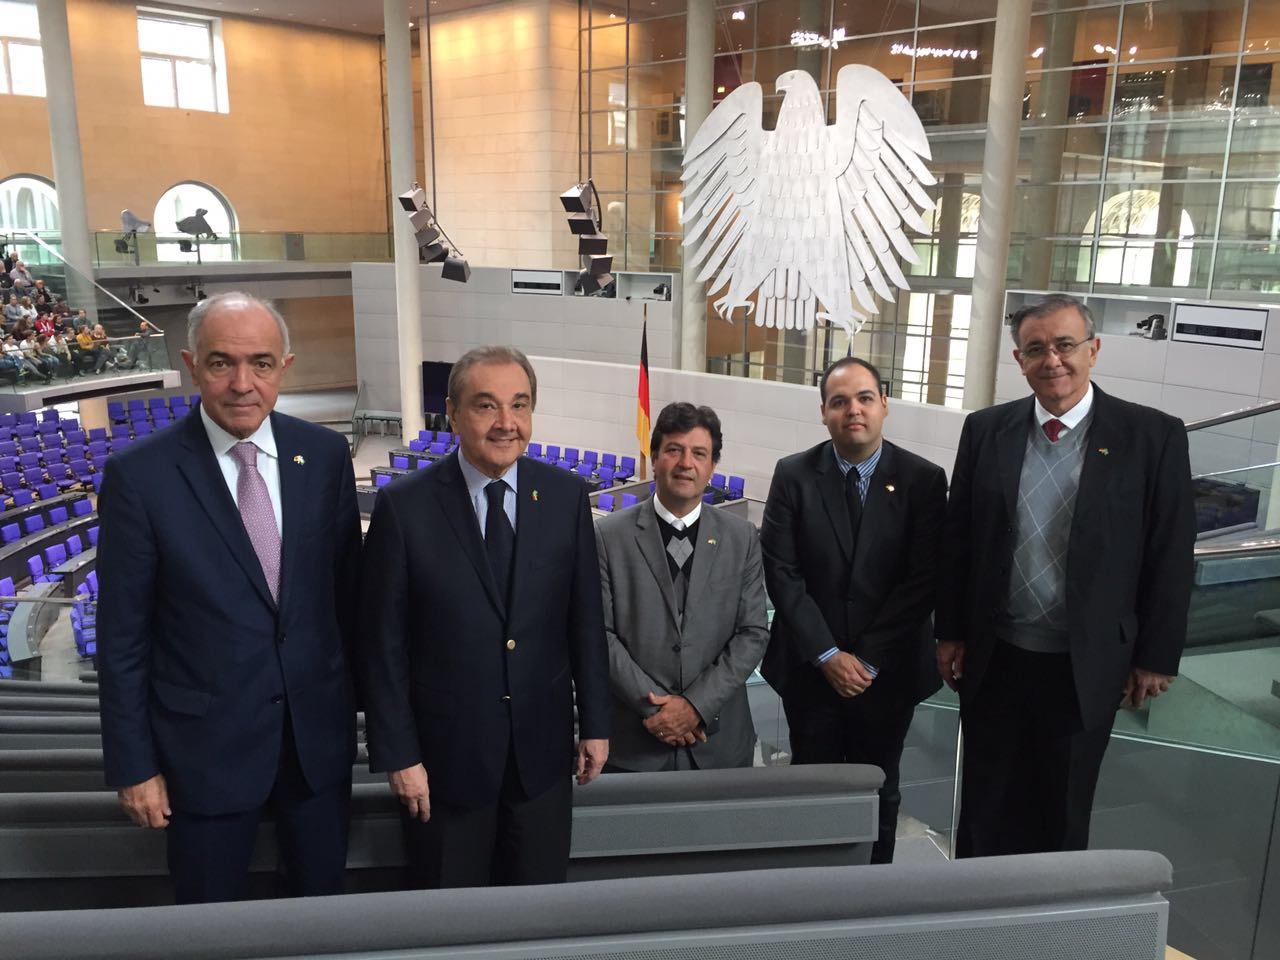 Reunião no Parlamento Alemão 02